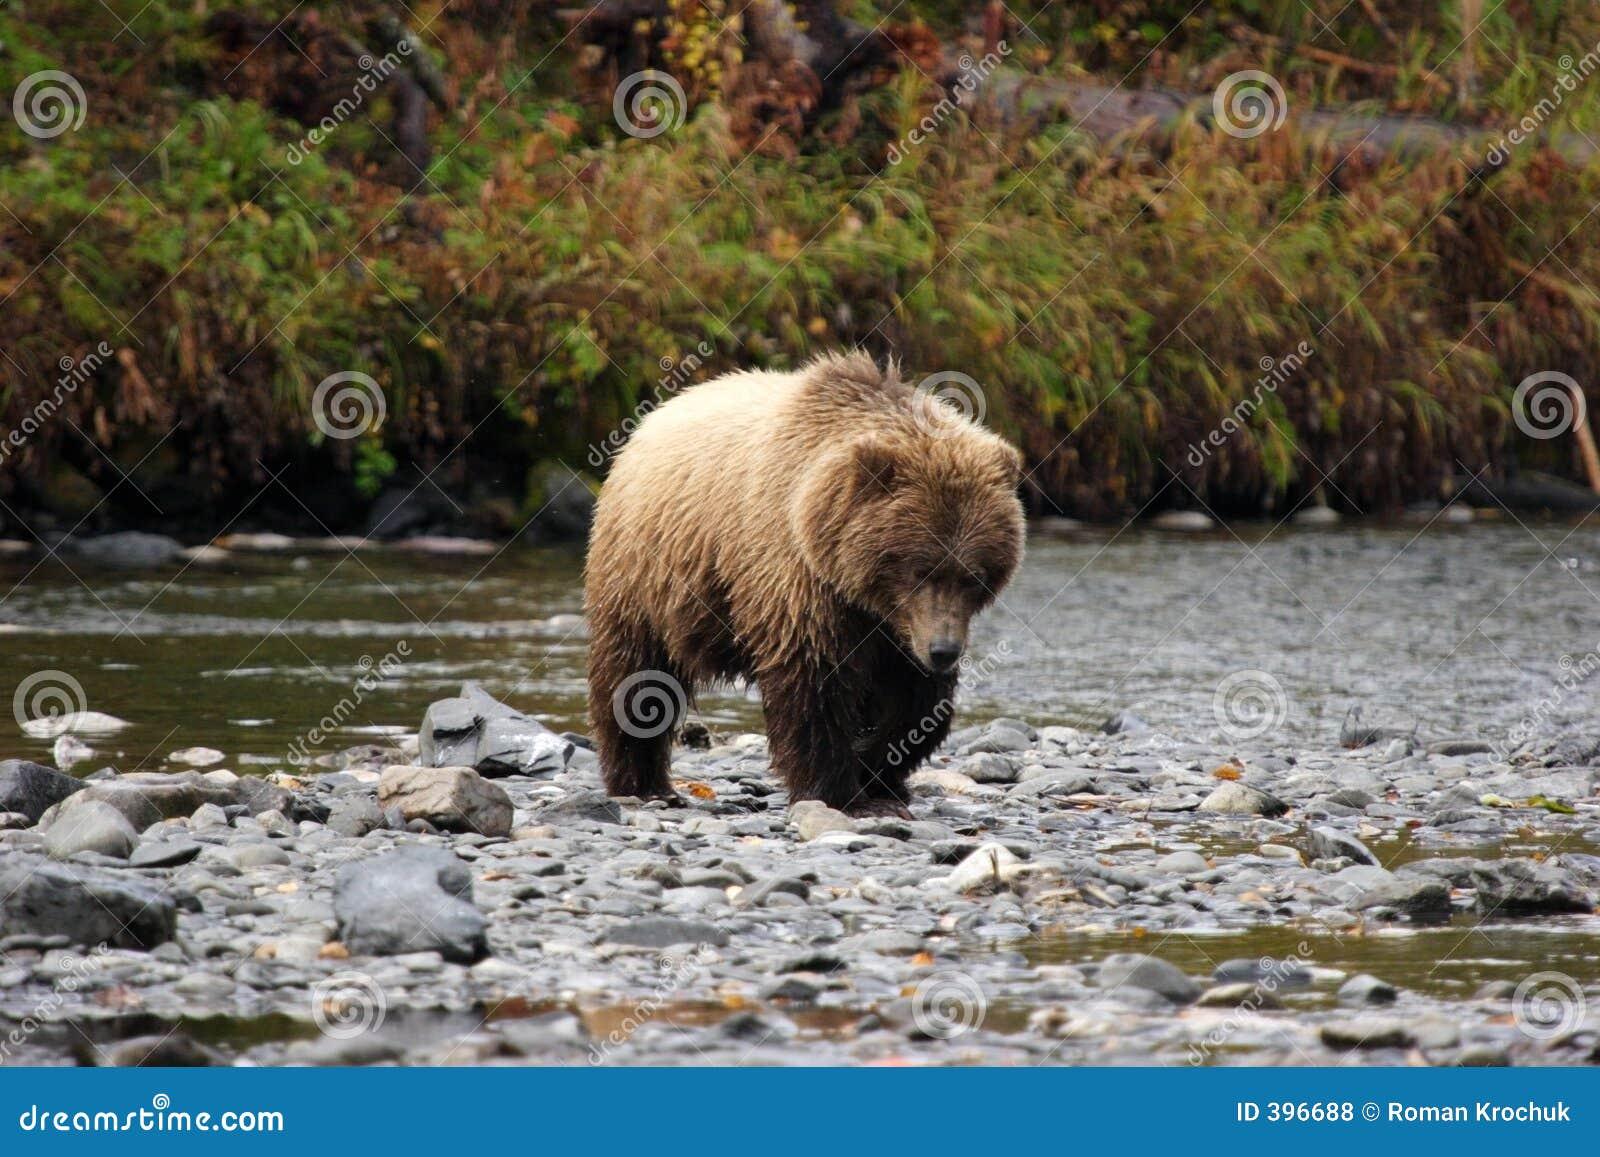 Het naderbij komen van de grizzly